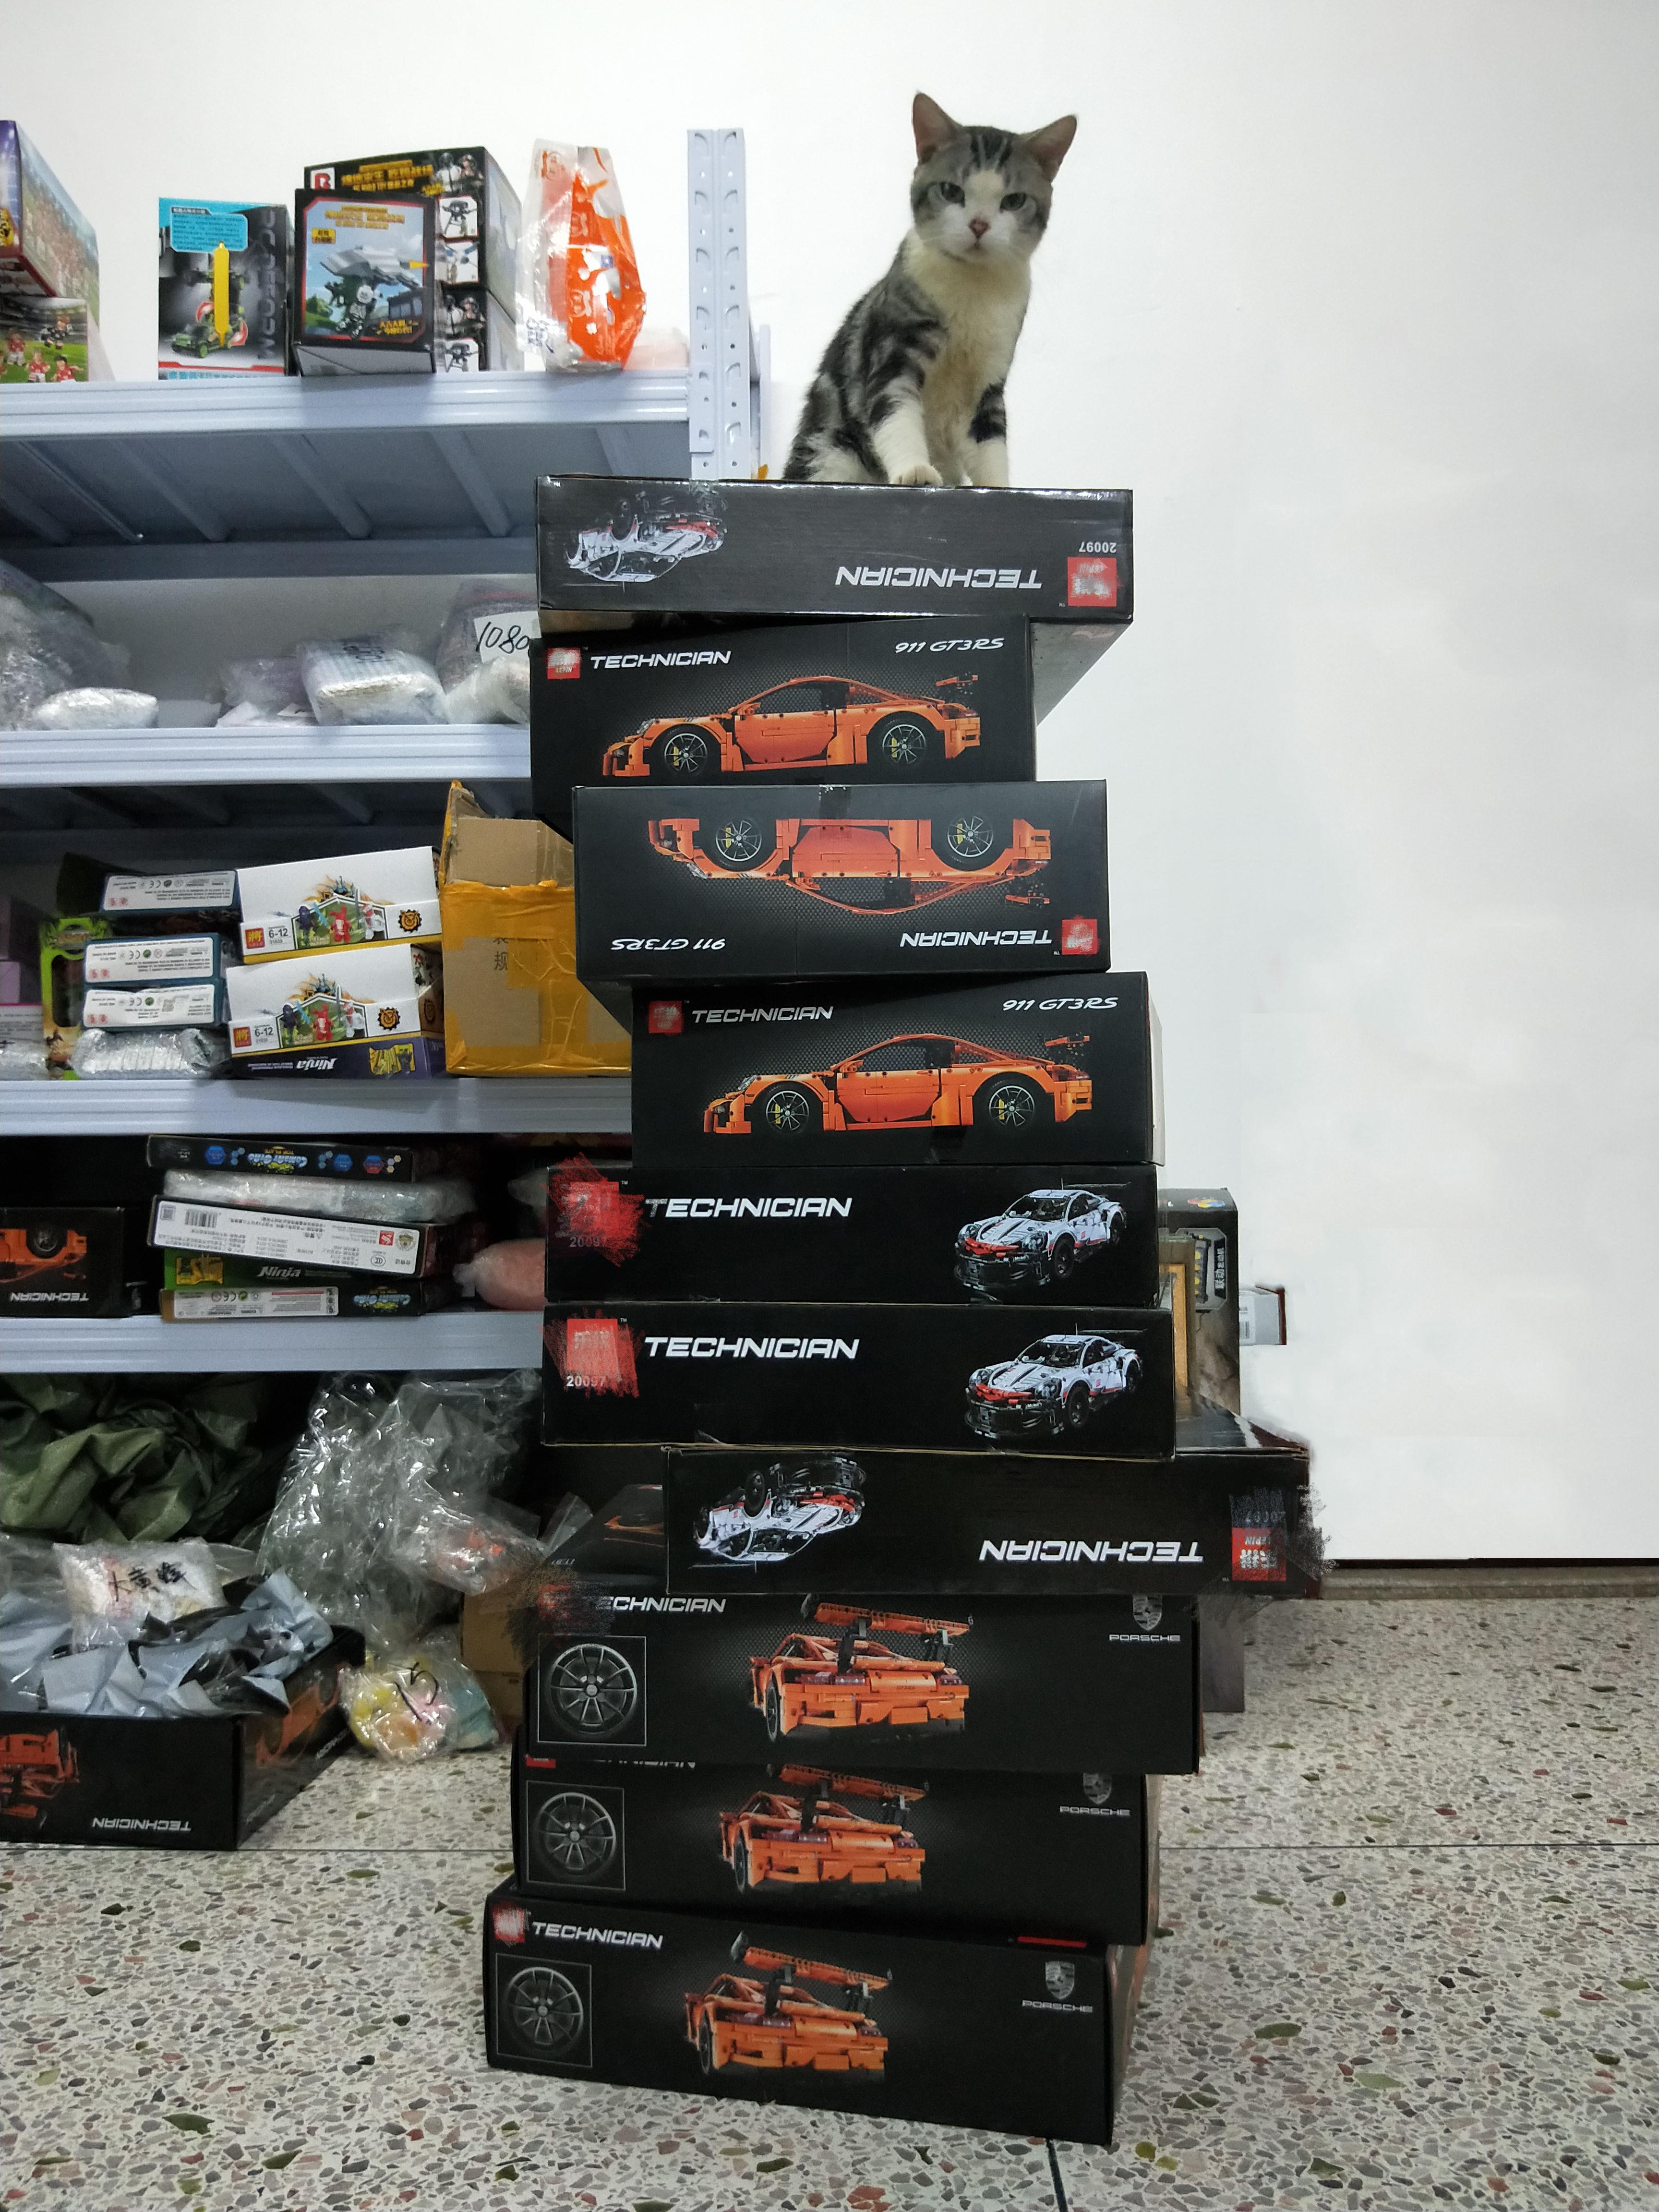 En STOCK Leping 20097 20001 911 RSR GTRr bricolage Compatible IEGOset 42096 Technic MOC course voiture blocs de construction jouets cadeaux